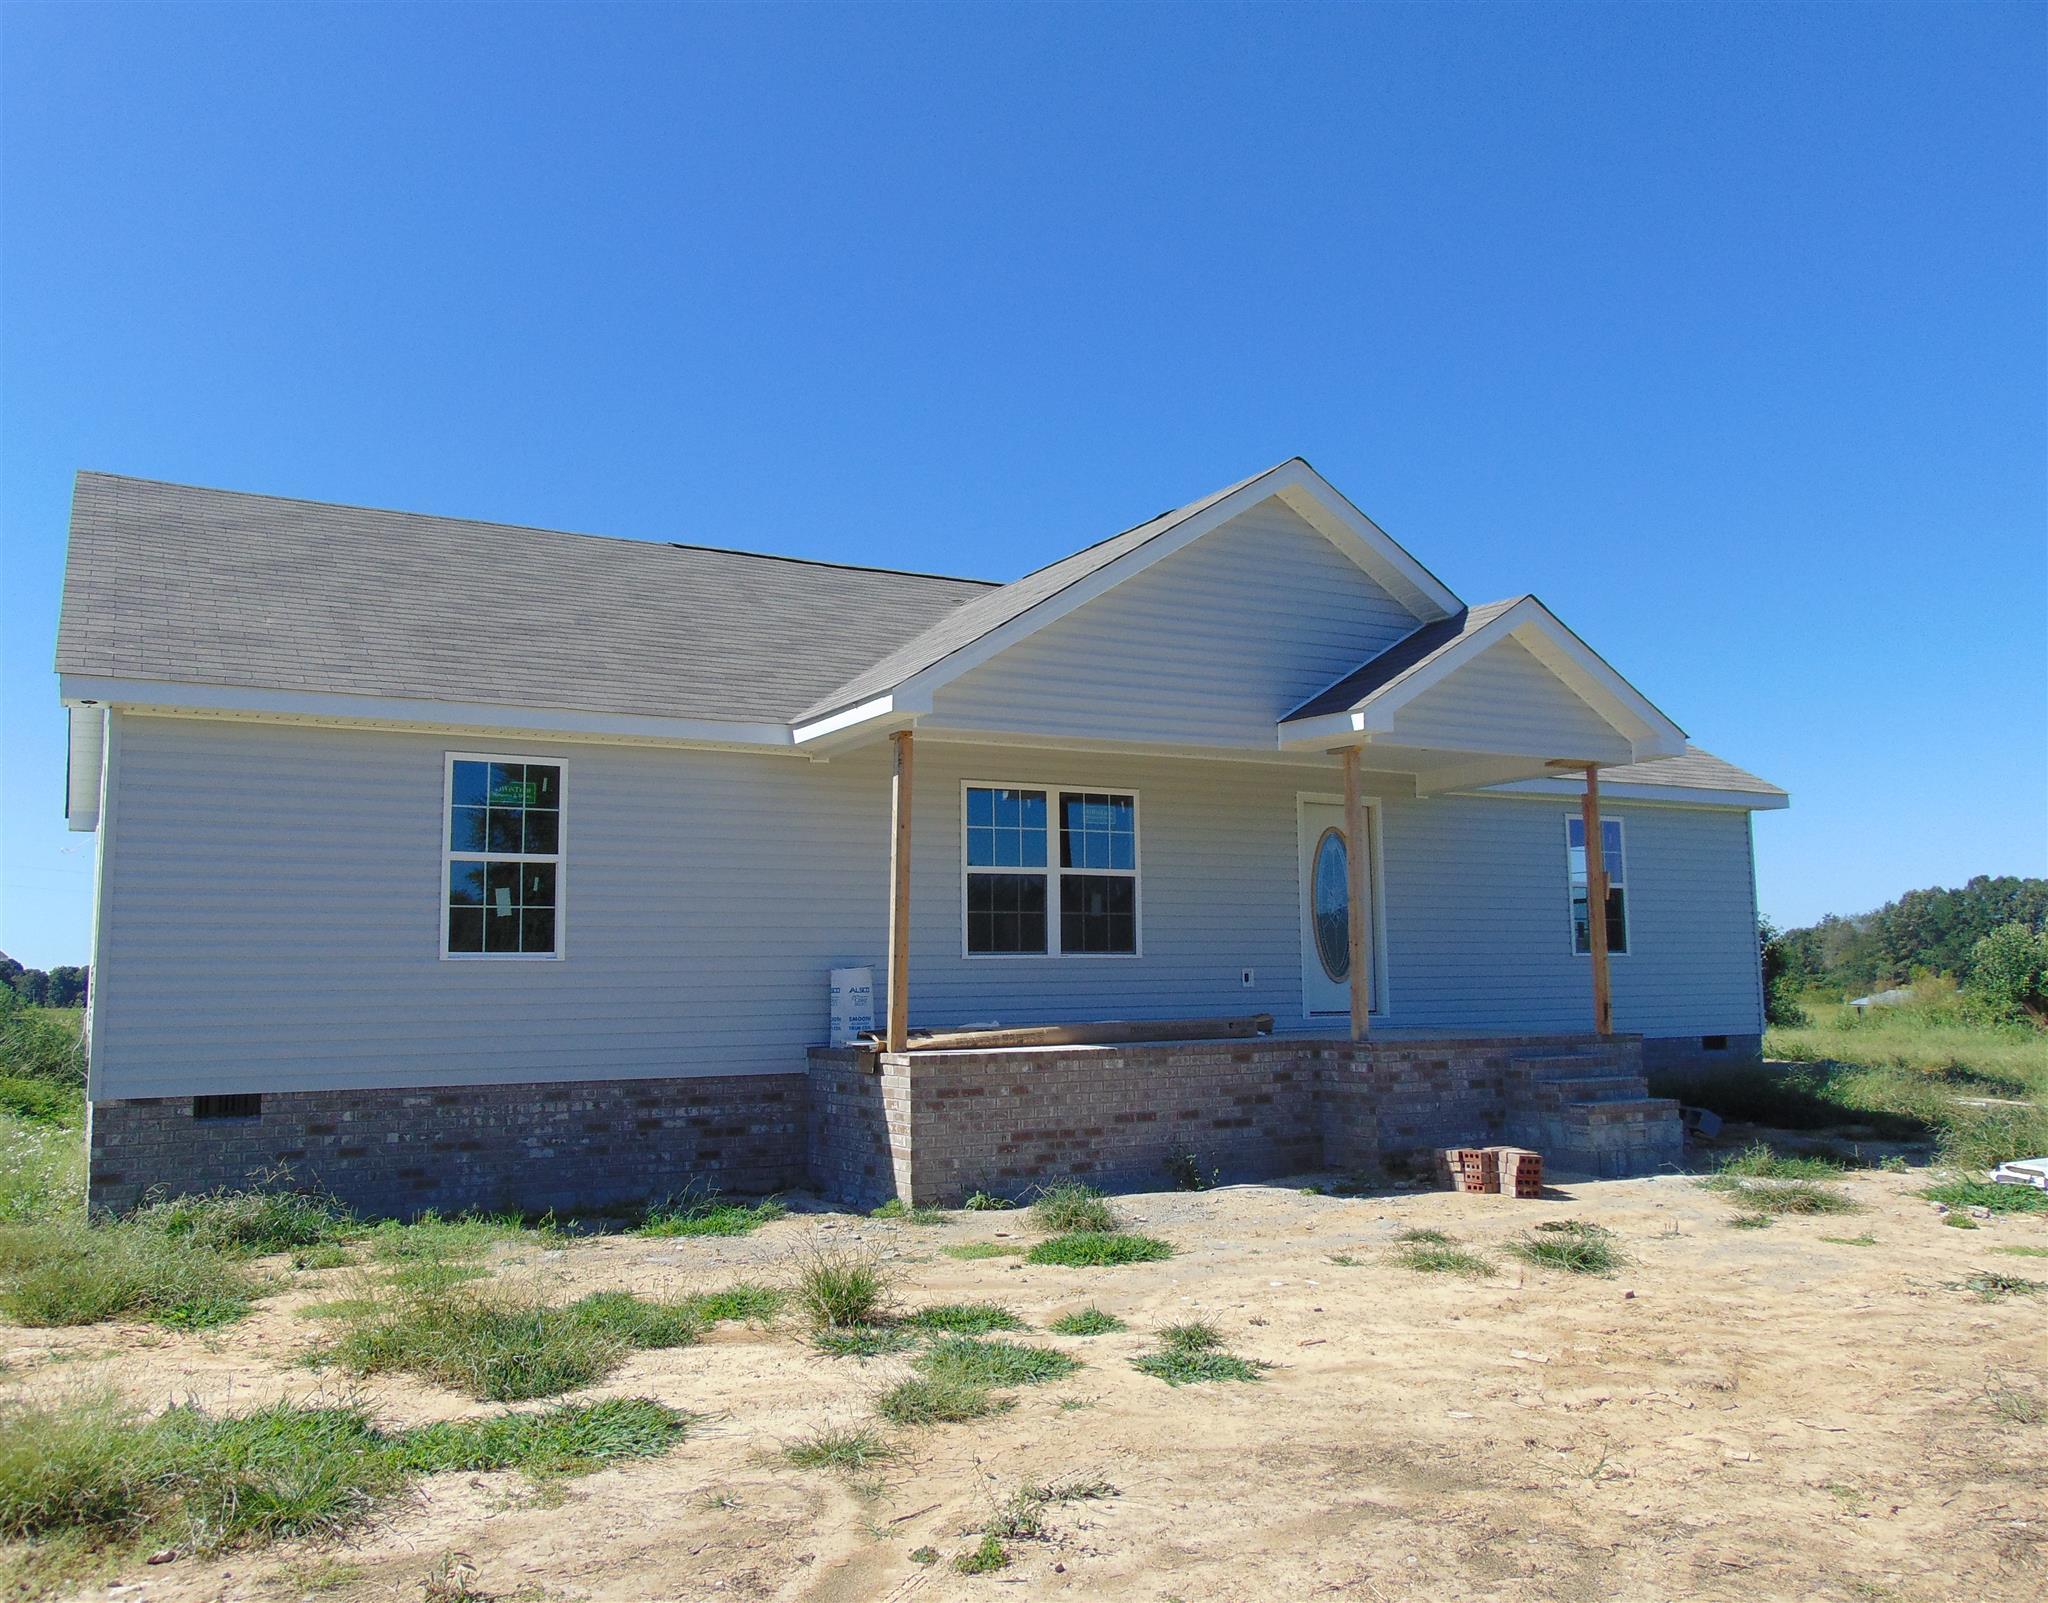 115 Brace Loop, Summertown, TN 38483 - Summertown, TN real estate listing